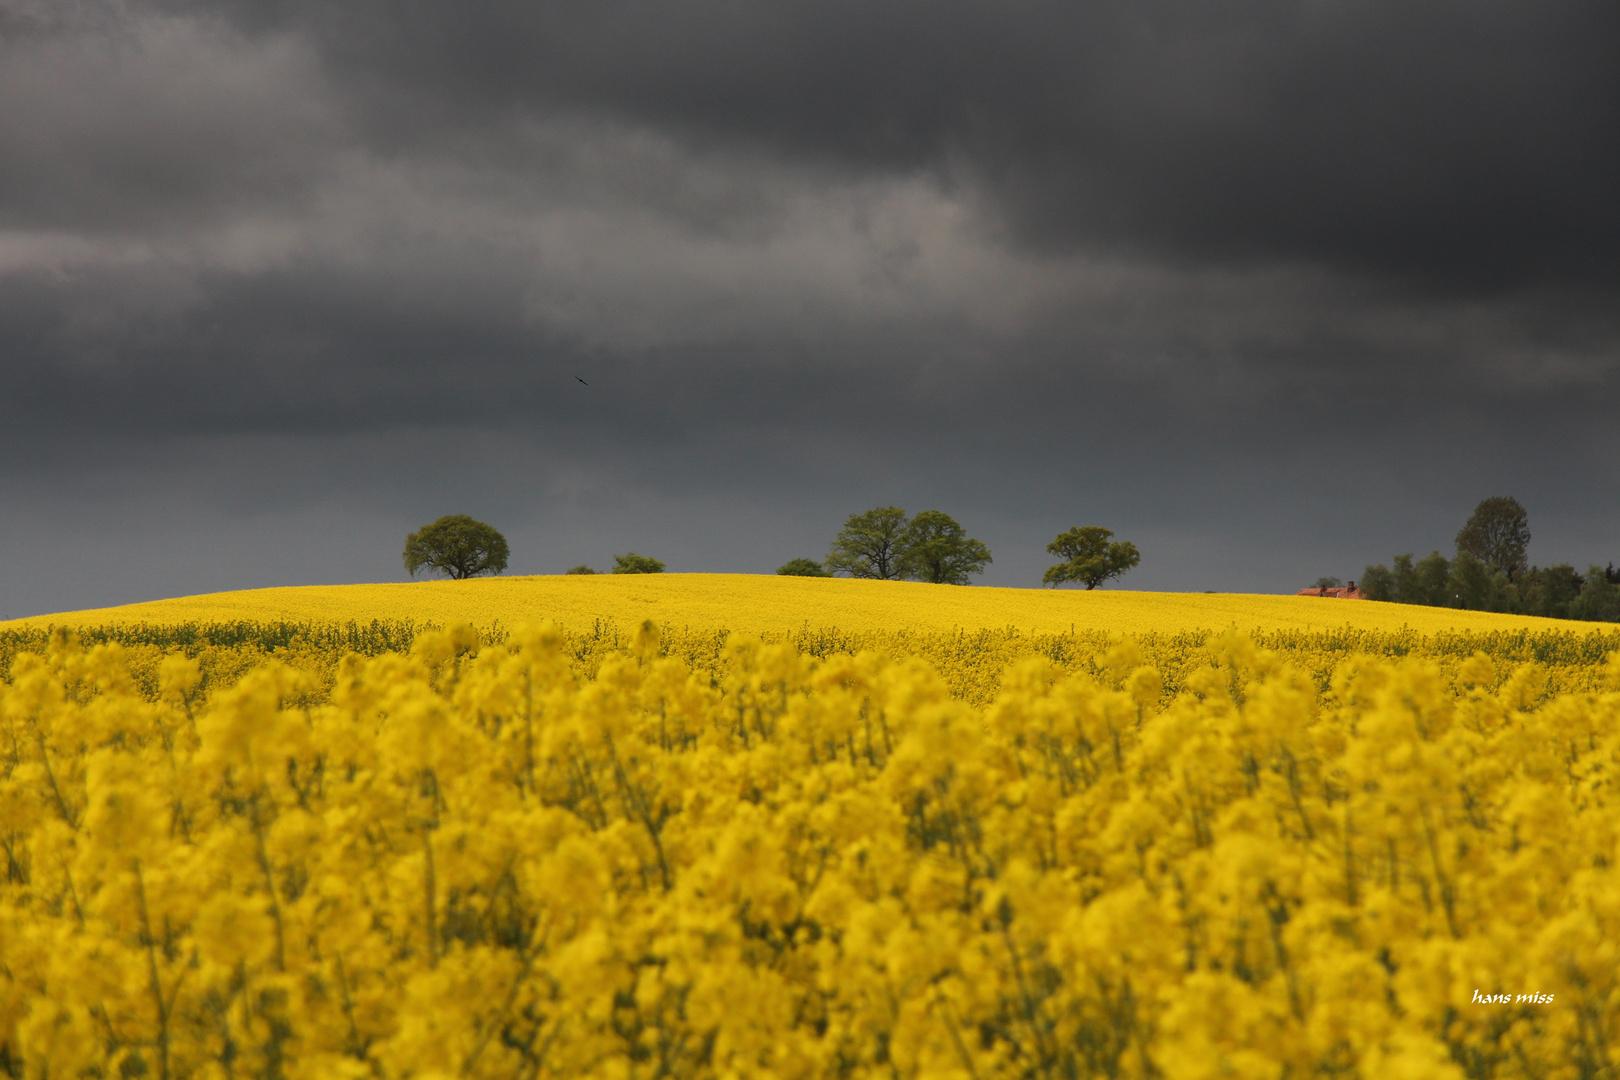 Rapsfeld mit Gewitterwolken im Hintergrund